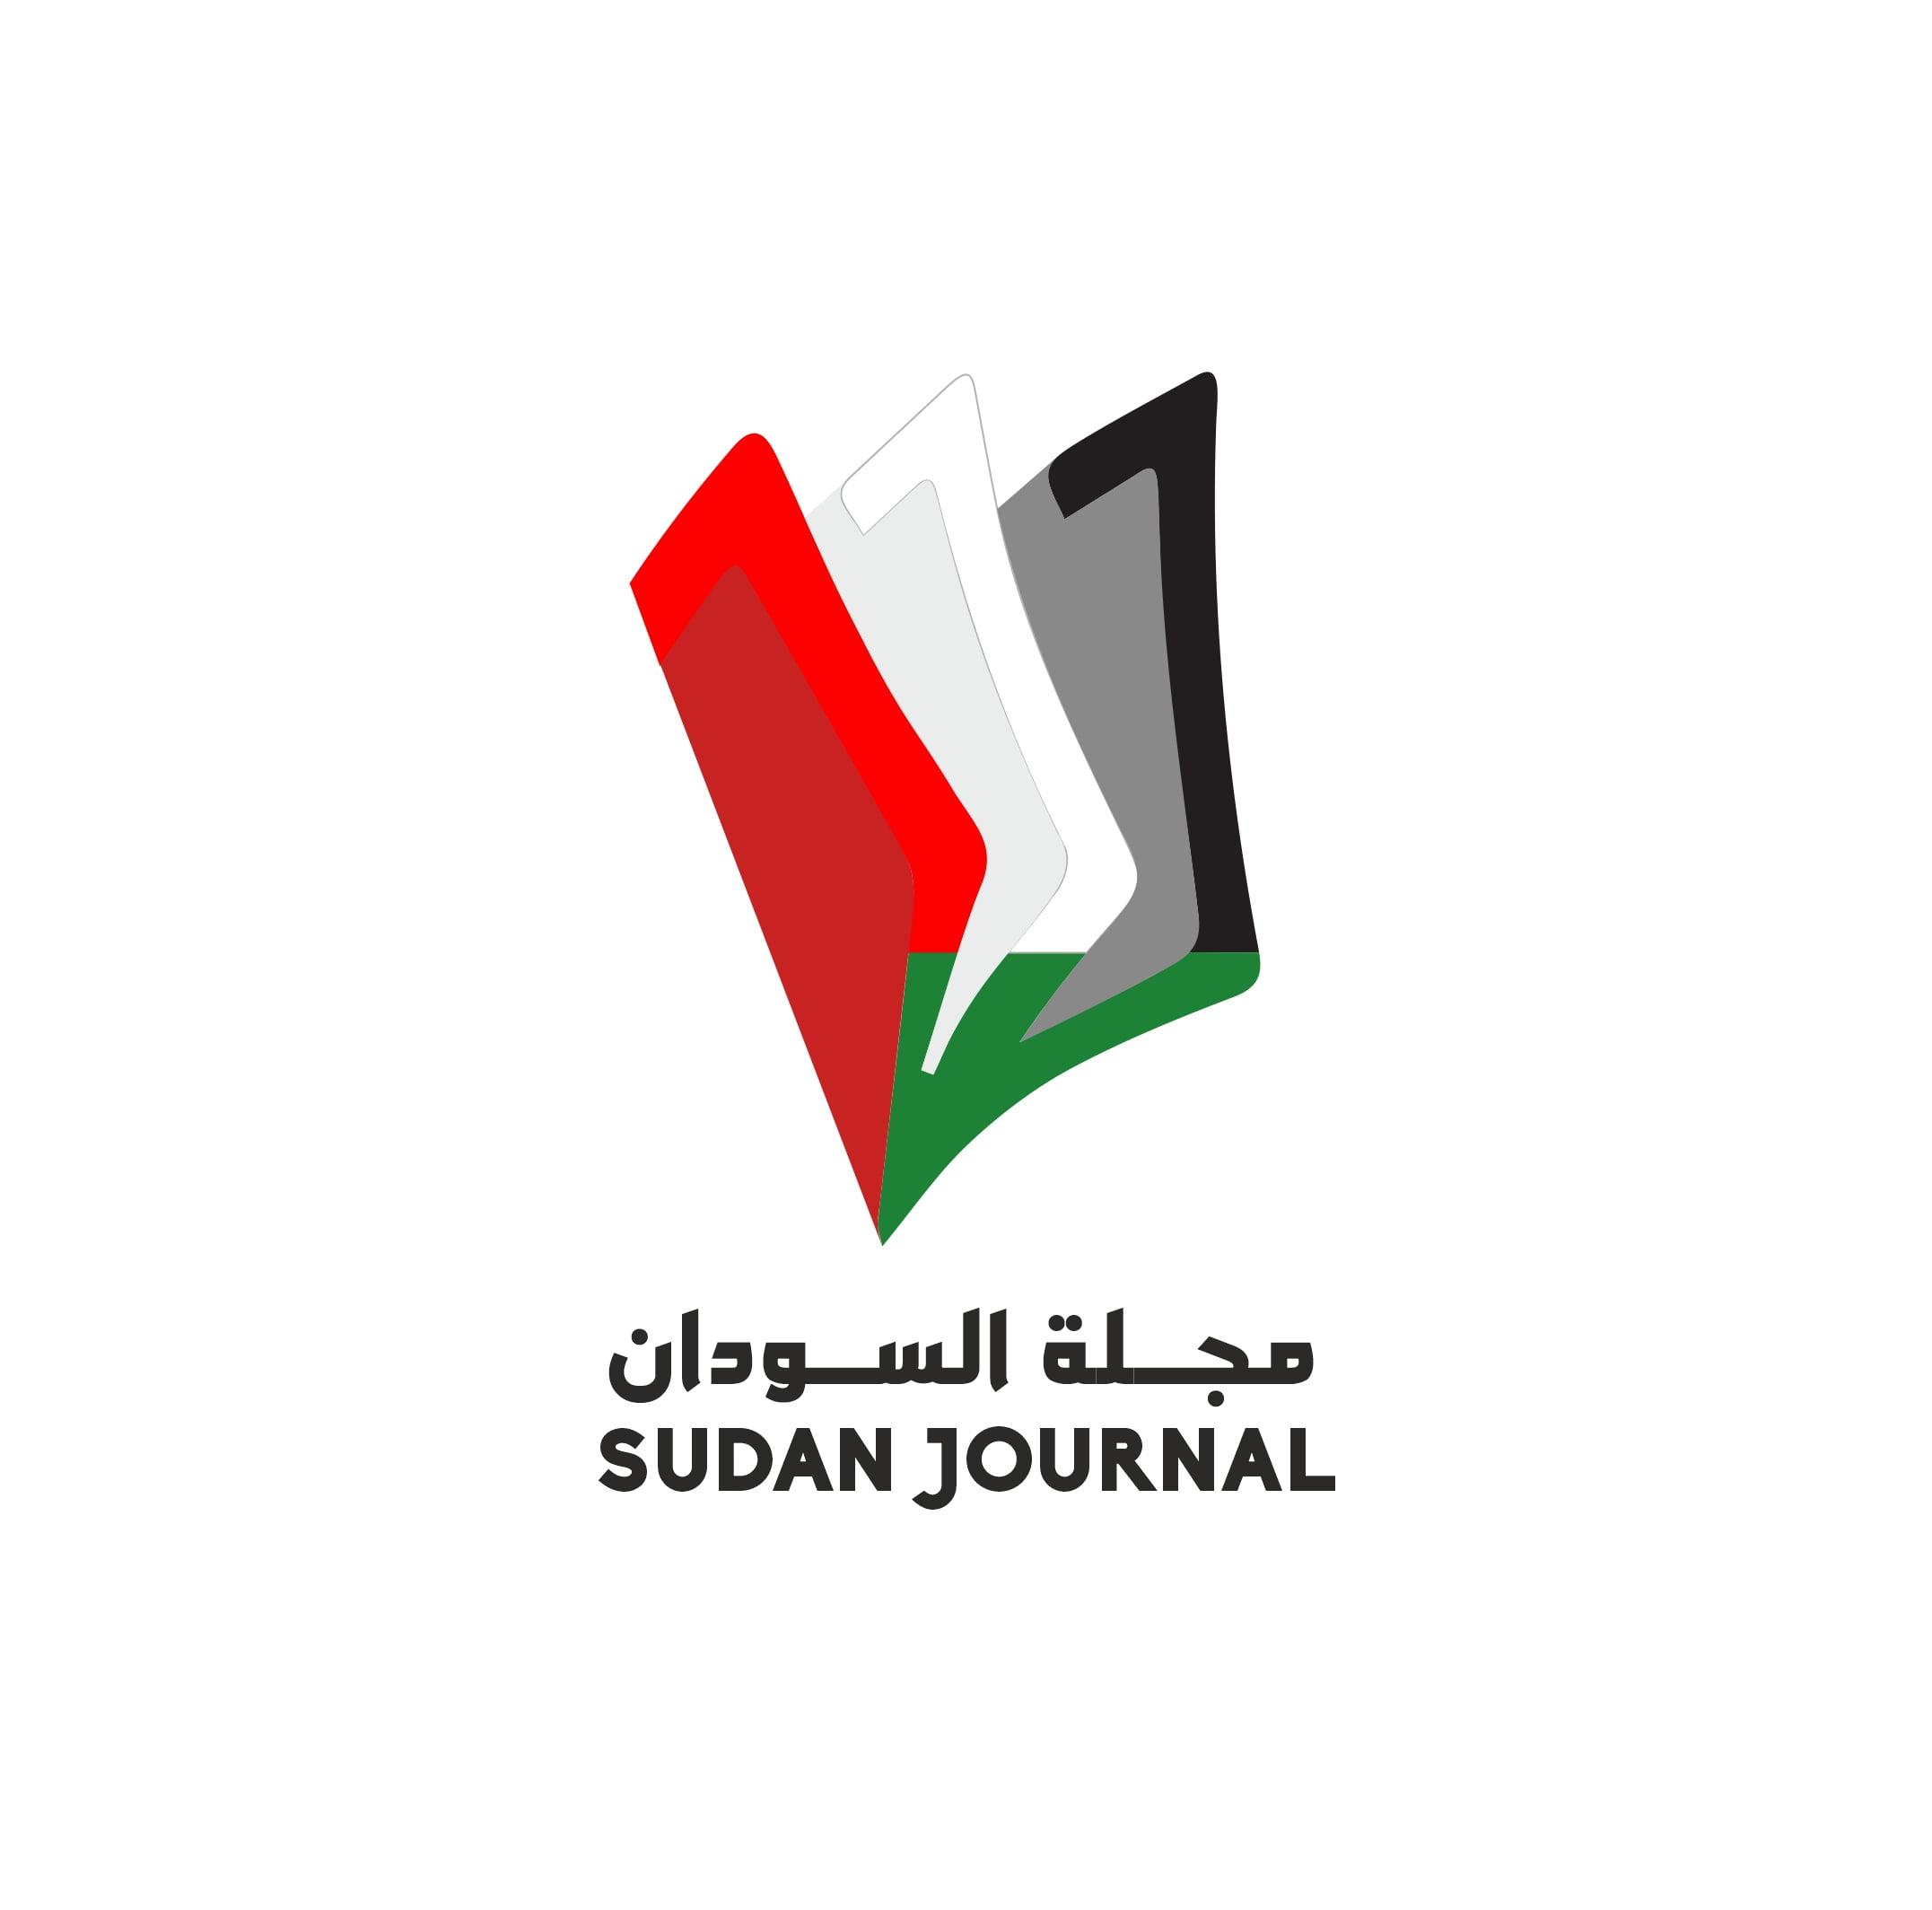 مجلة السودان